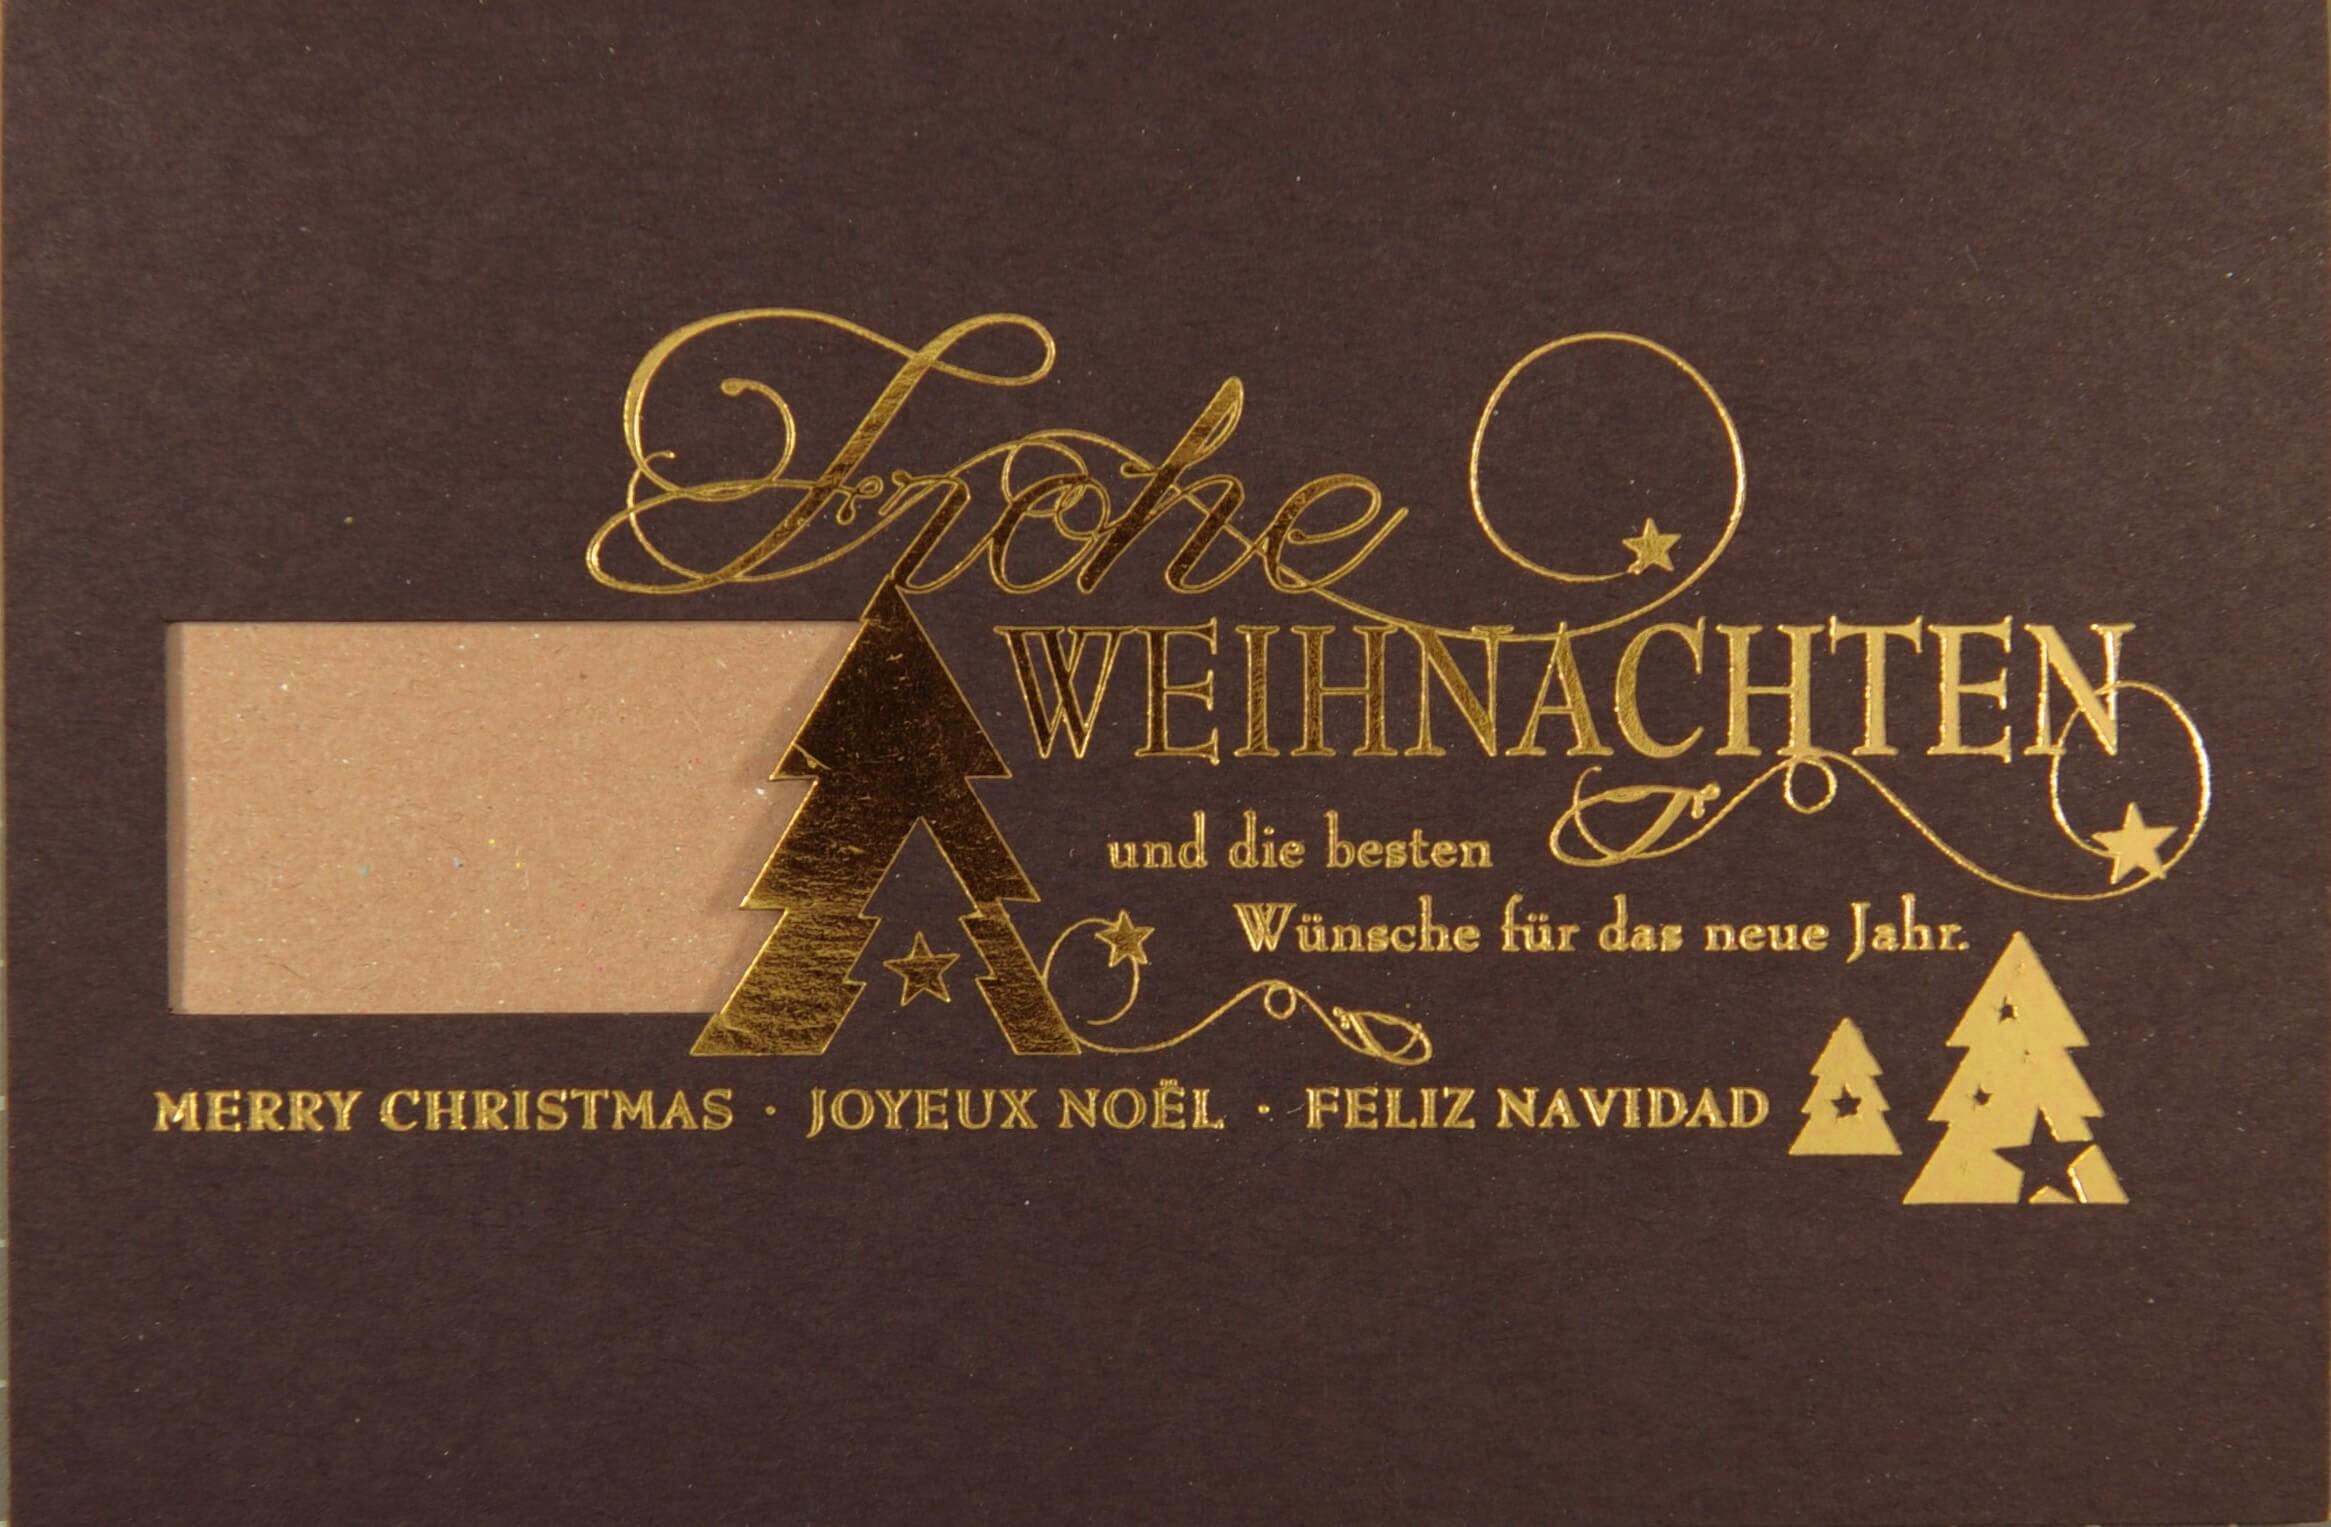 Weihnachtskarten Mit Firmenlogo.Internationale Weihnachtskarte Braun Mit Fensterstanzung Für